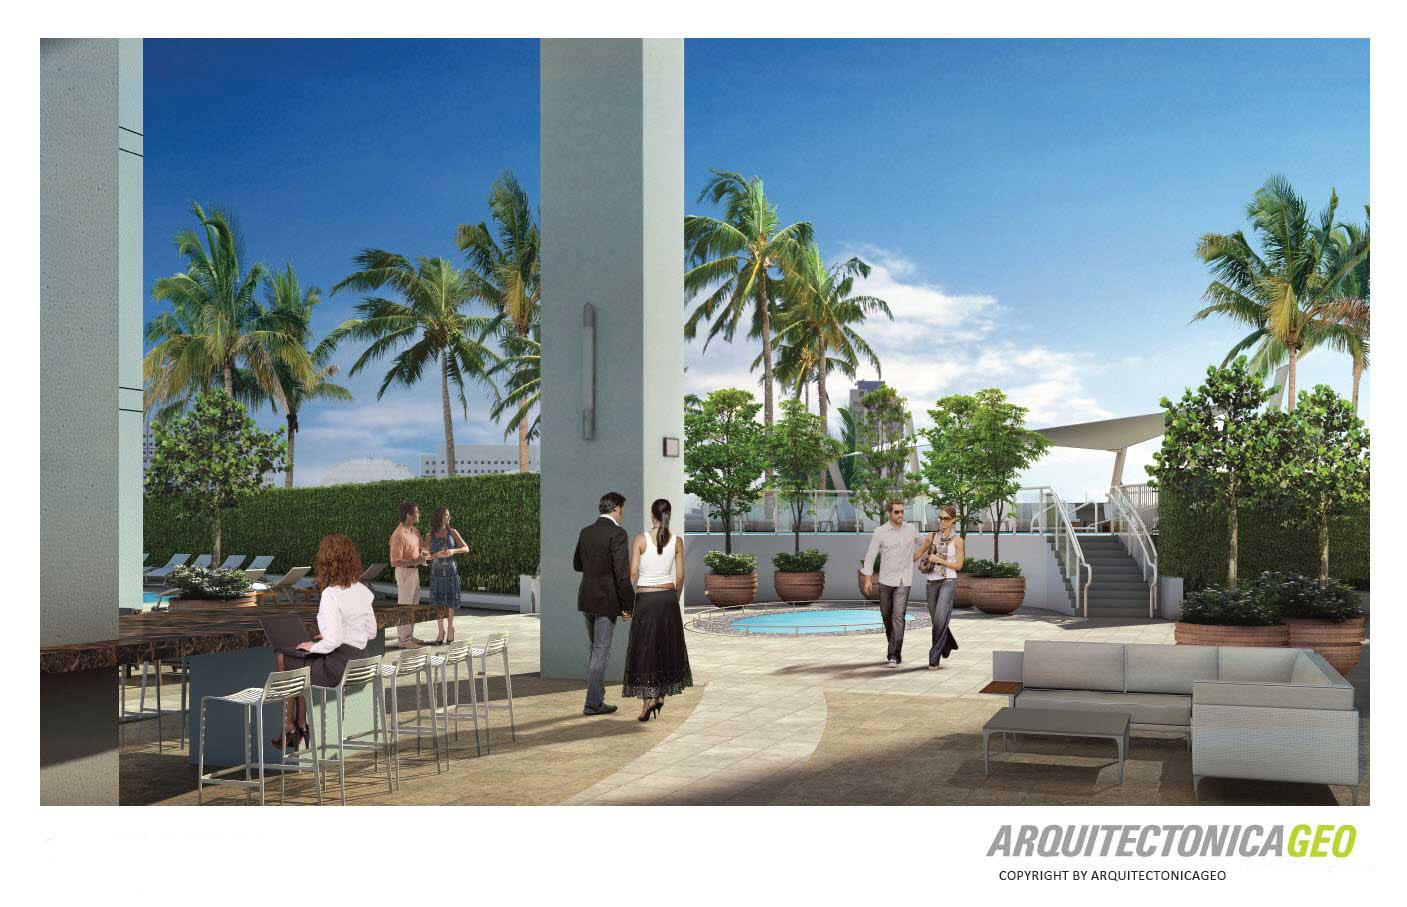 900 Biscayne Bay pool deck restoration project